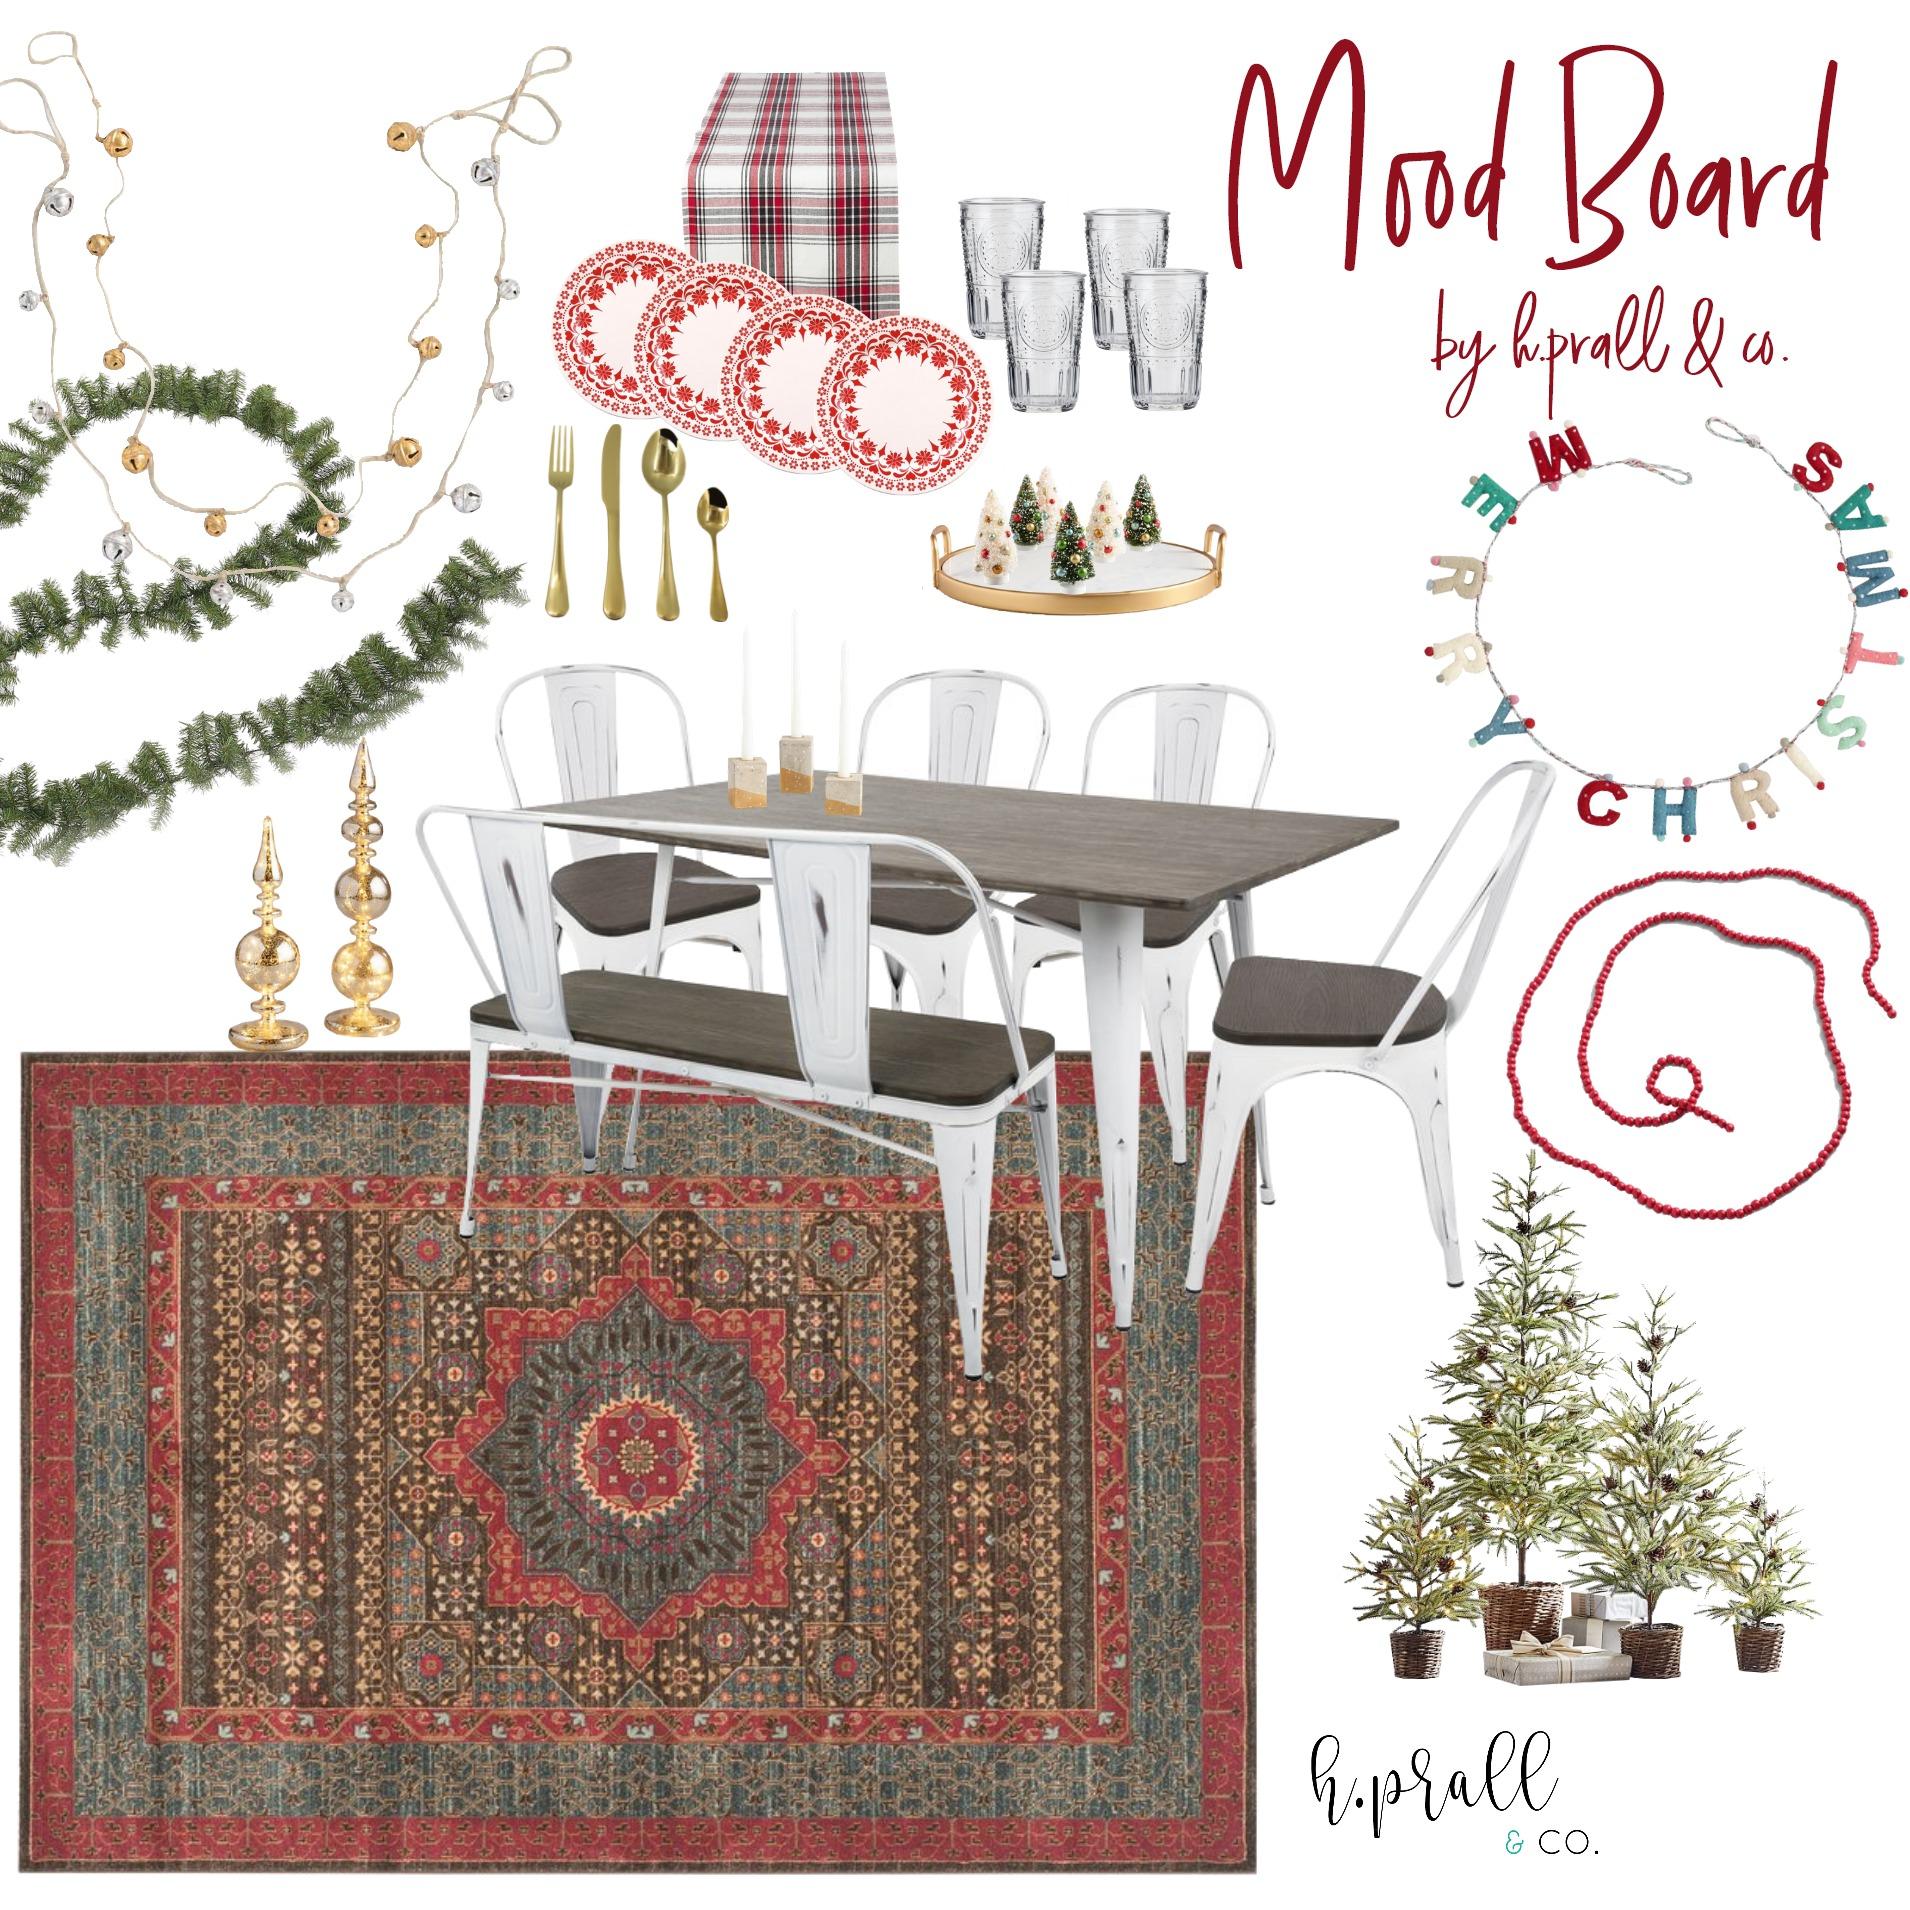 Christmas tablescape mood board design   hprallandco.com